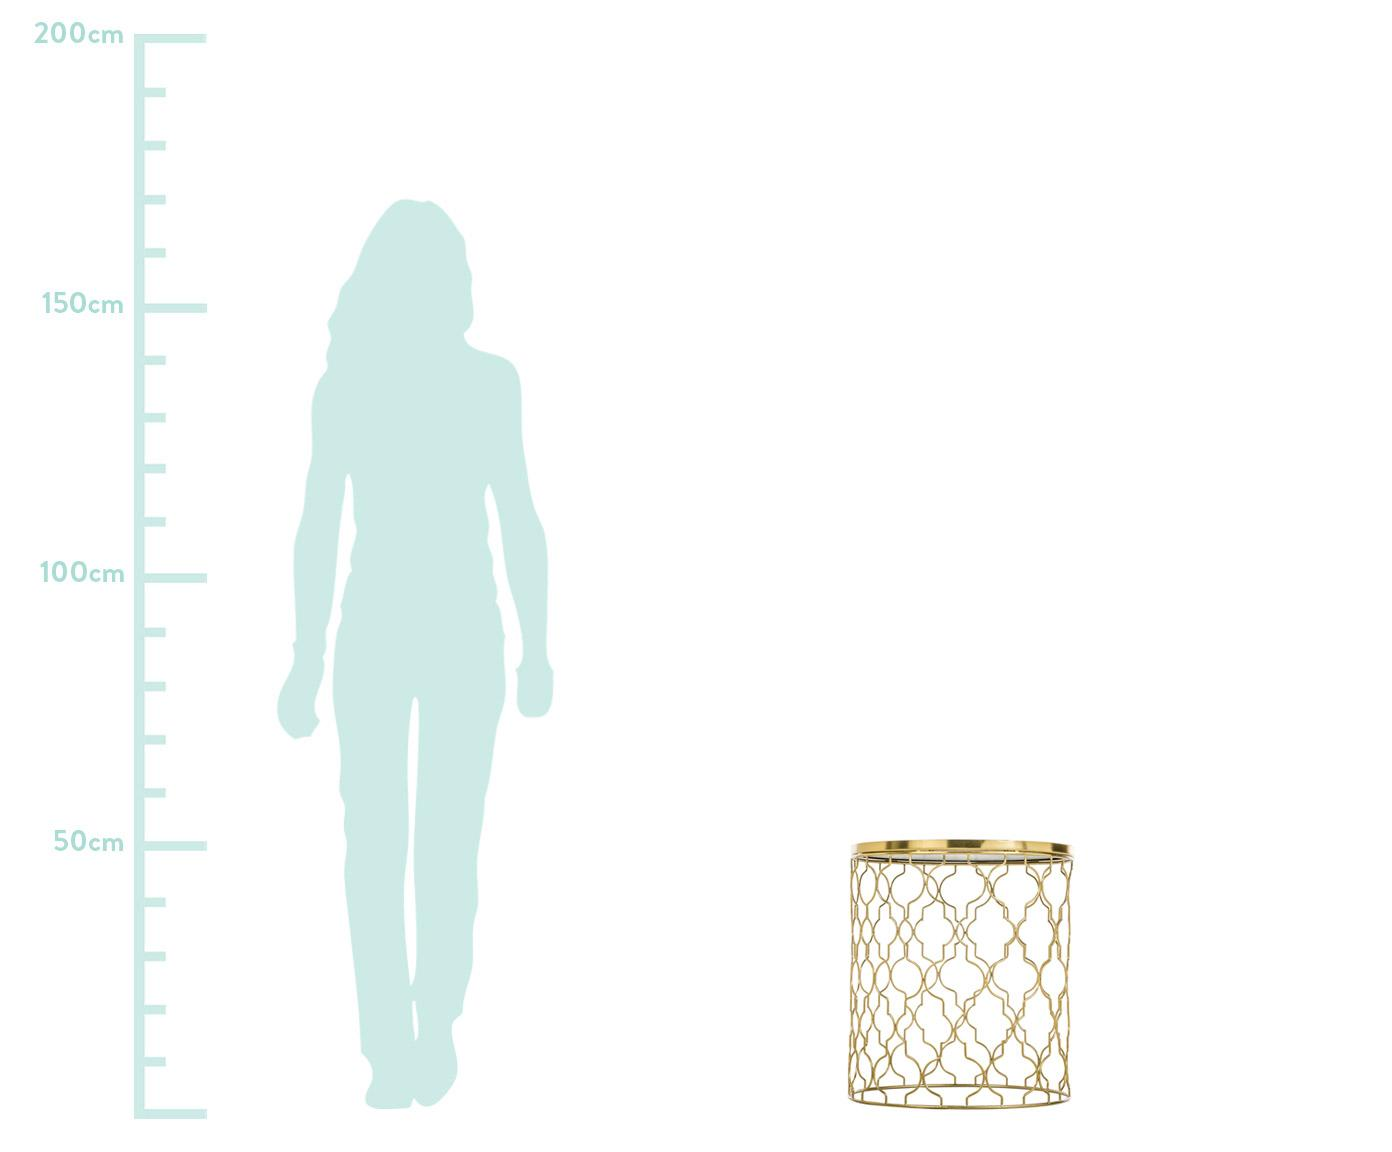 Marmor-Beistelltisch-Set Blake, 2-tlg., Tischplatten: Grüner MarmorGestelle: Goldfarben, glänzend, Sondergrößen